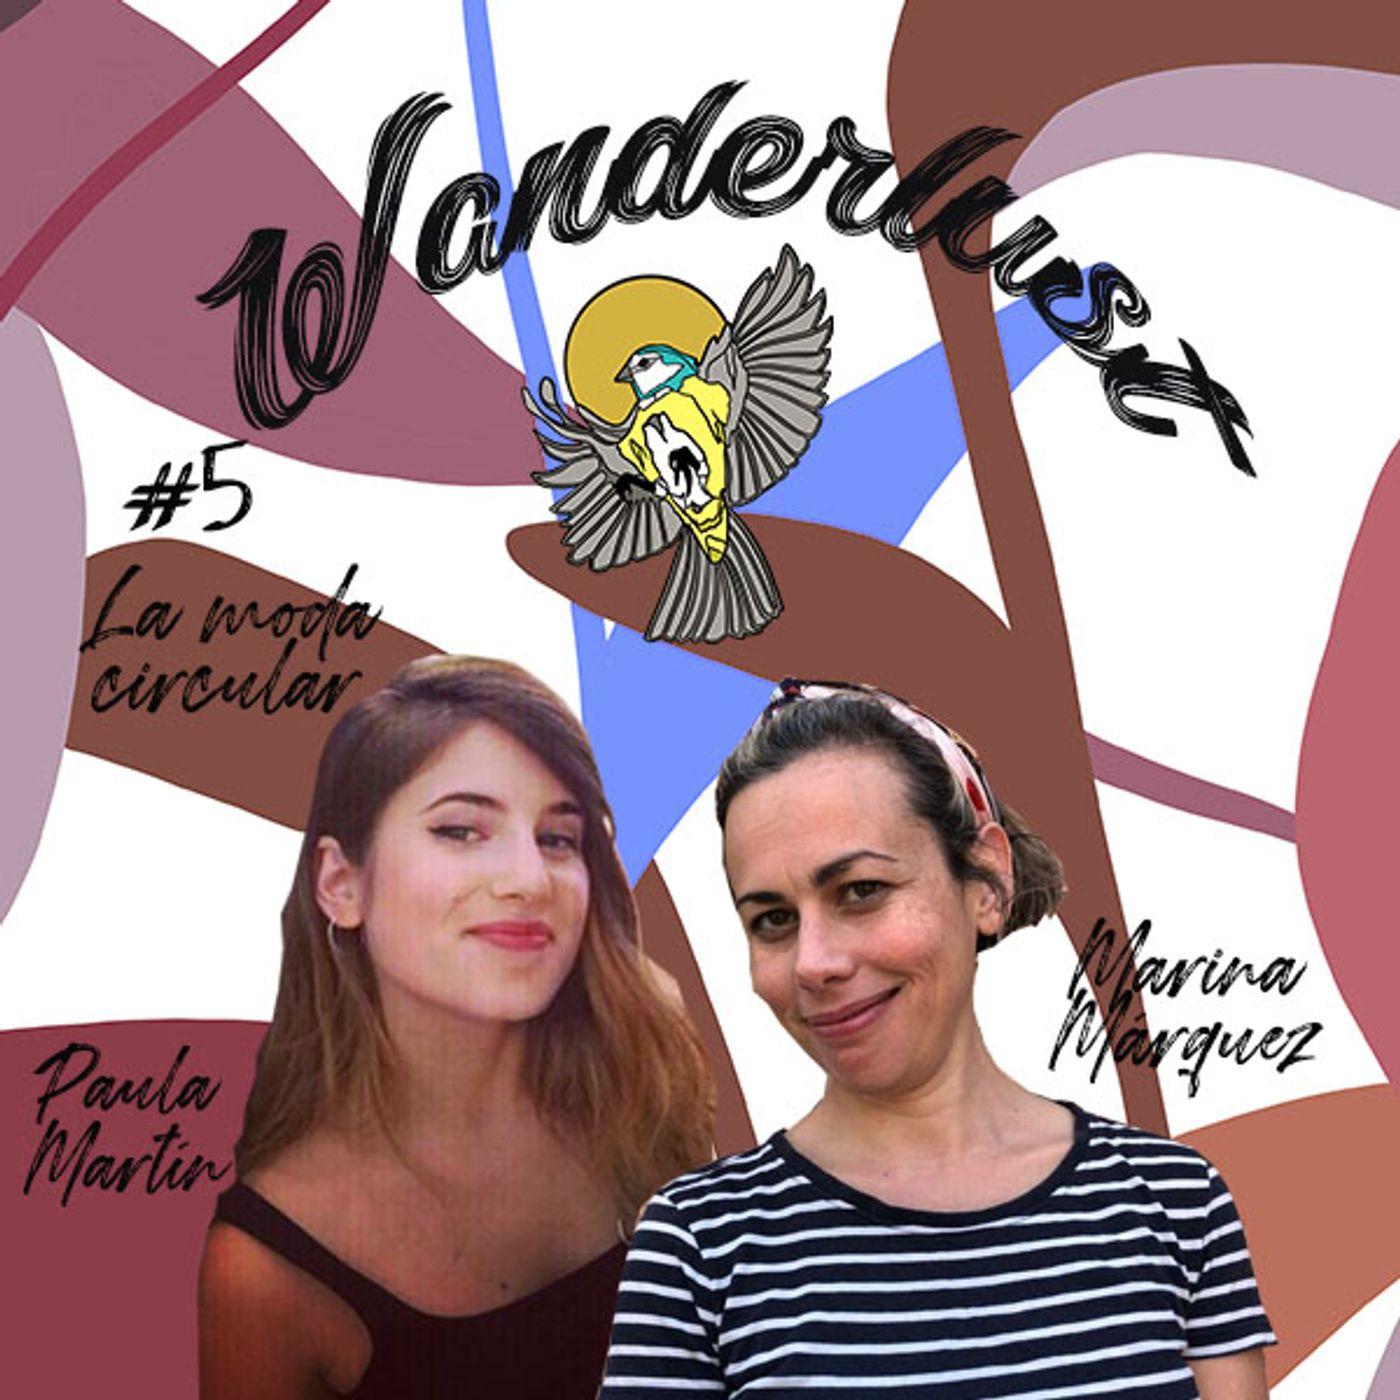 #5 Moda circular con Marina Marquez